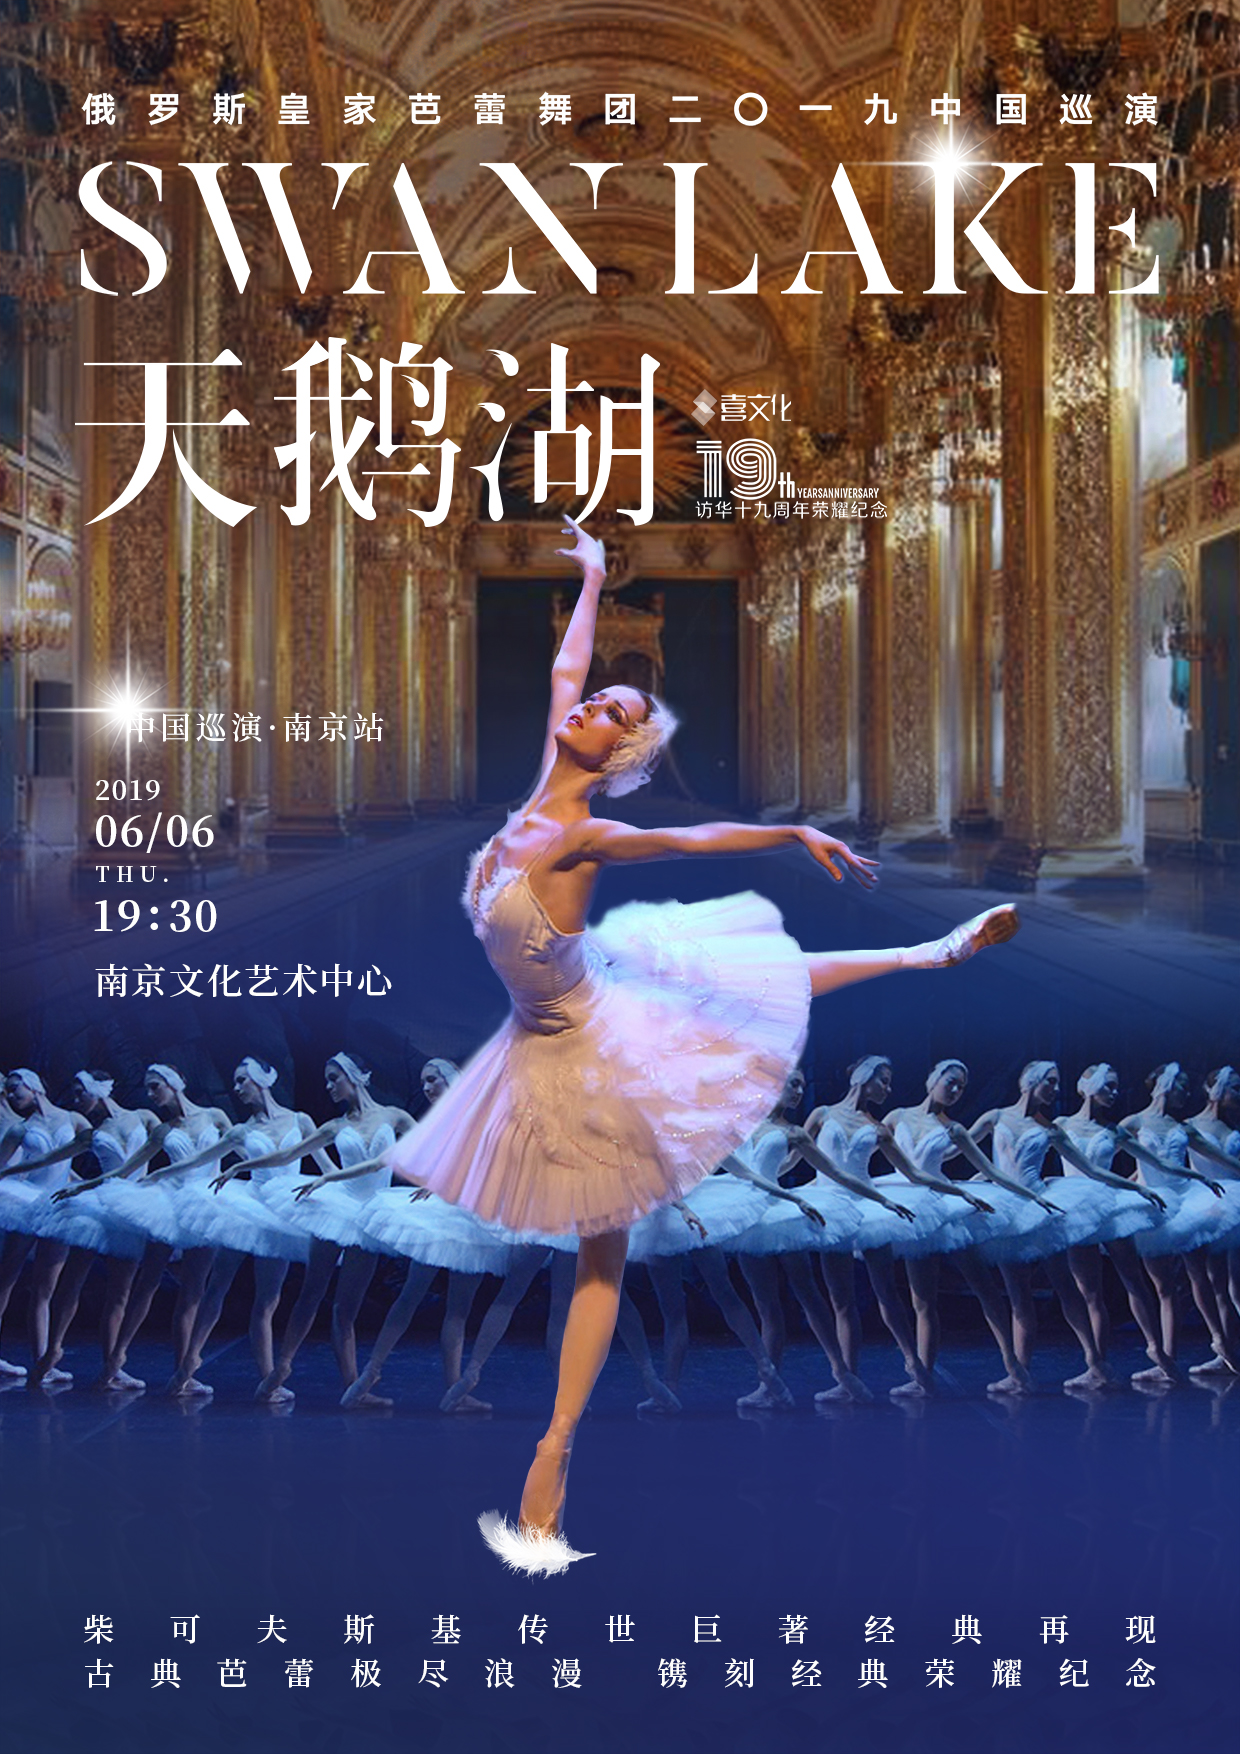 俄罗斯皇家芭蕾舞团《天鹅湖》南京站